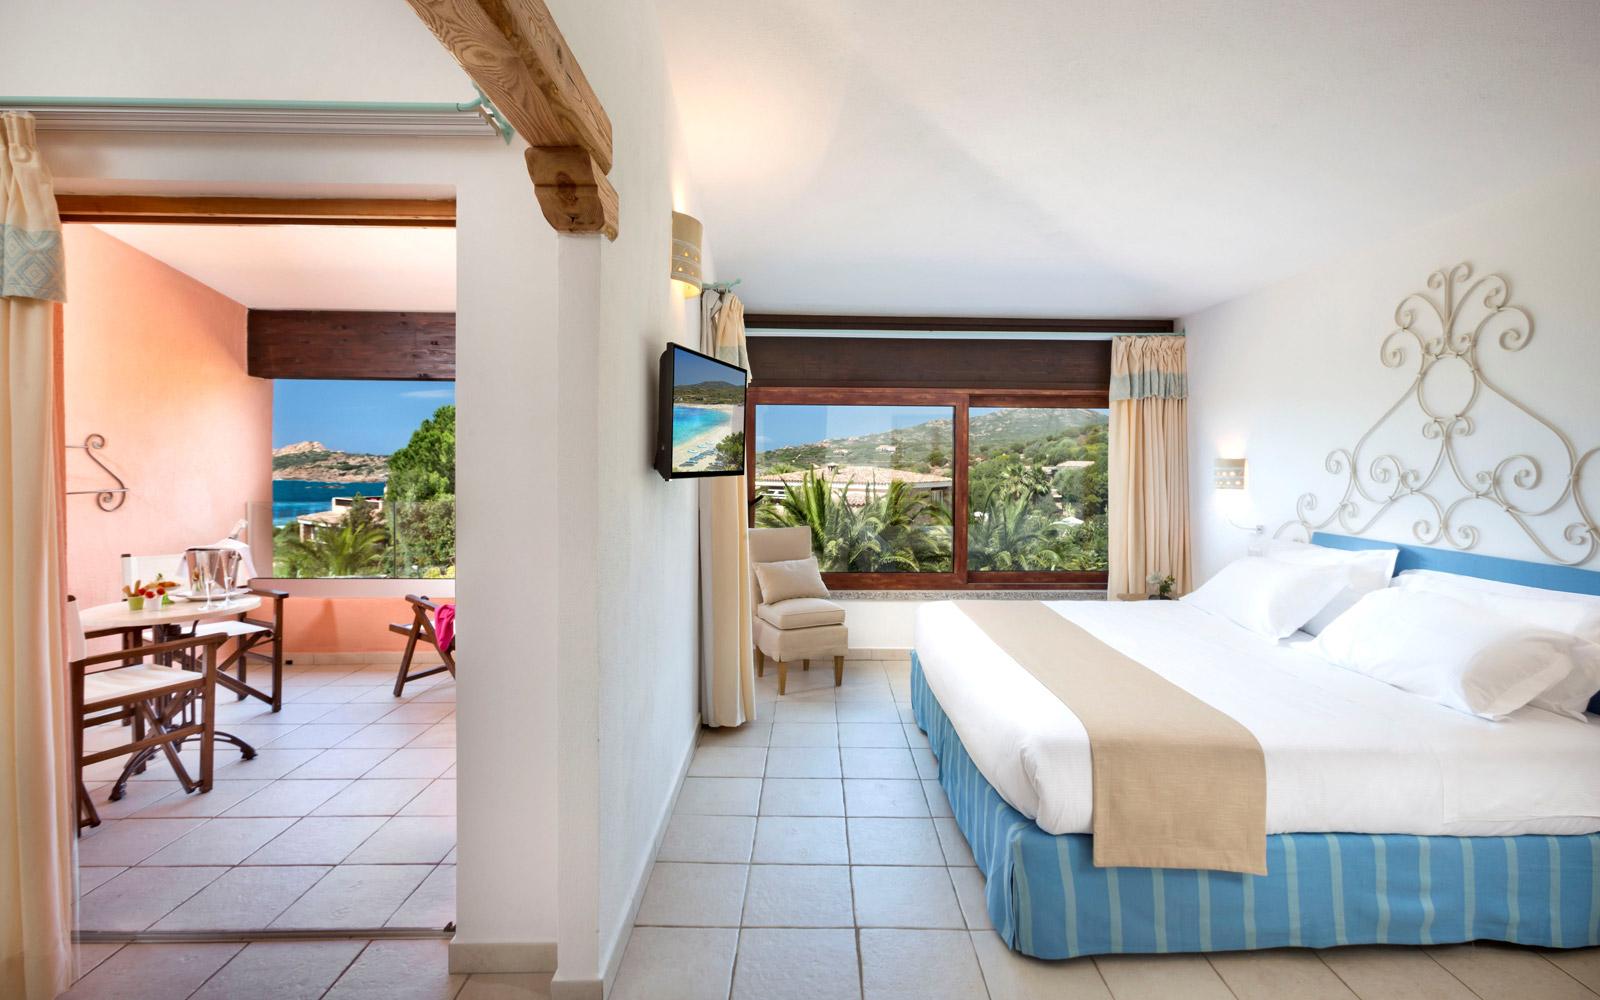 Junior Suite at Marinedda Thalasso & Spa